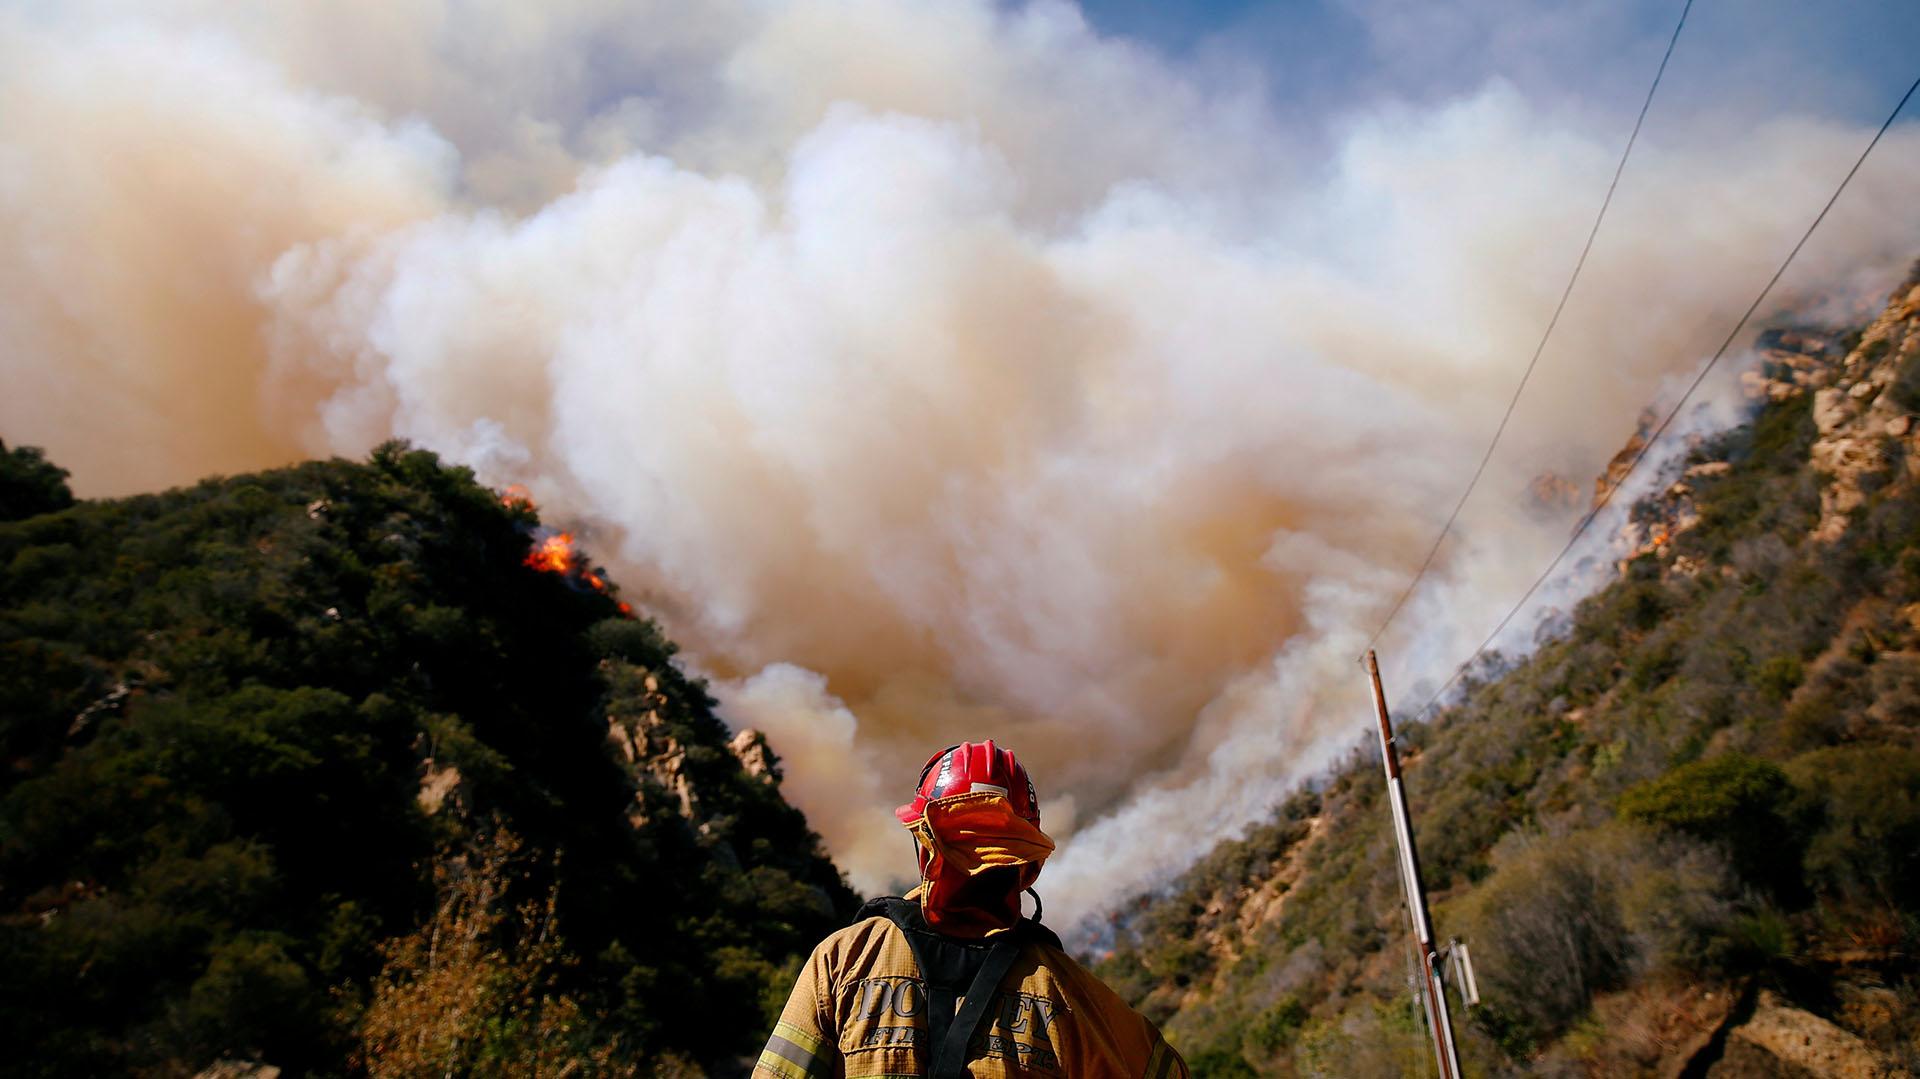 Los incendios forestales Camp y Woolsey devastaron California dejaron 85 muertos y destruyeron unos 14.000 hogares. Científicos han demostrado que el cambio climático ha aumentado el número de incendios en la región